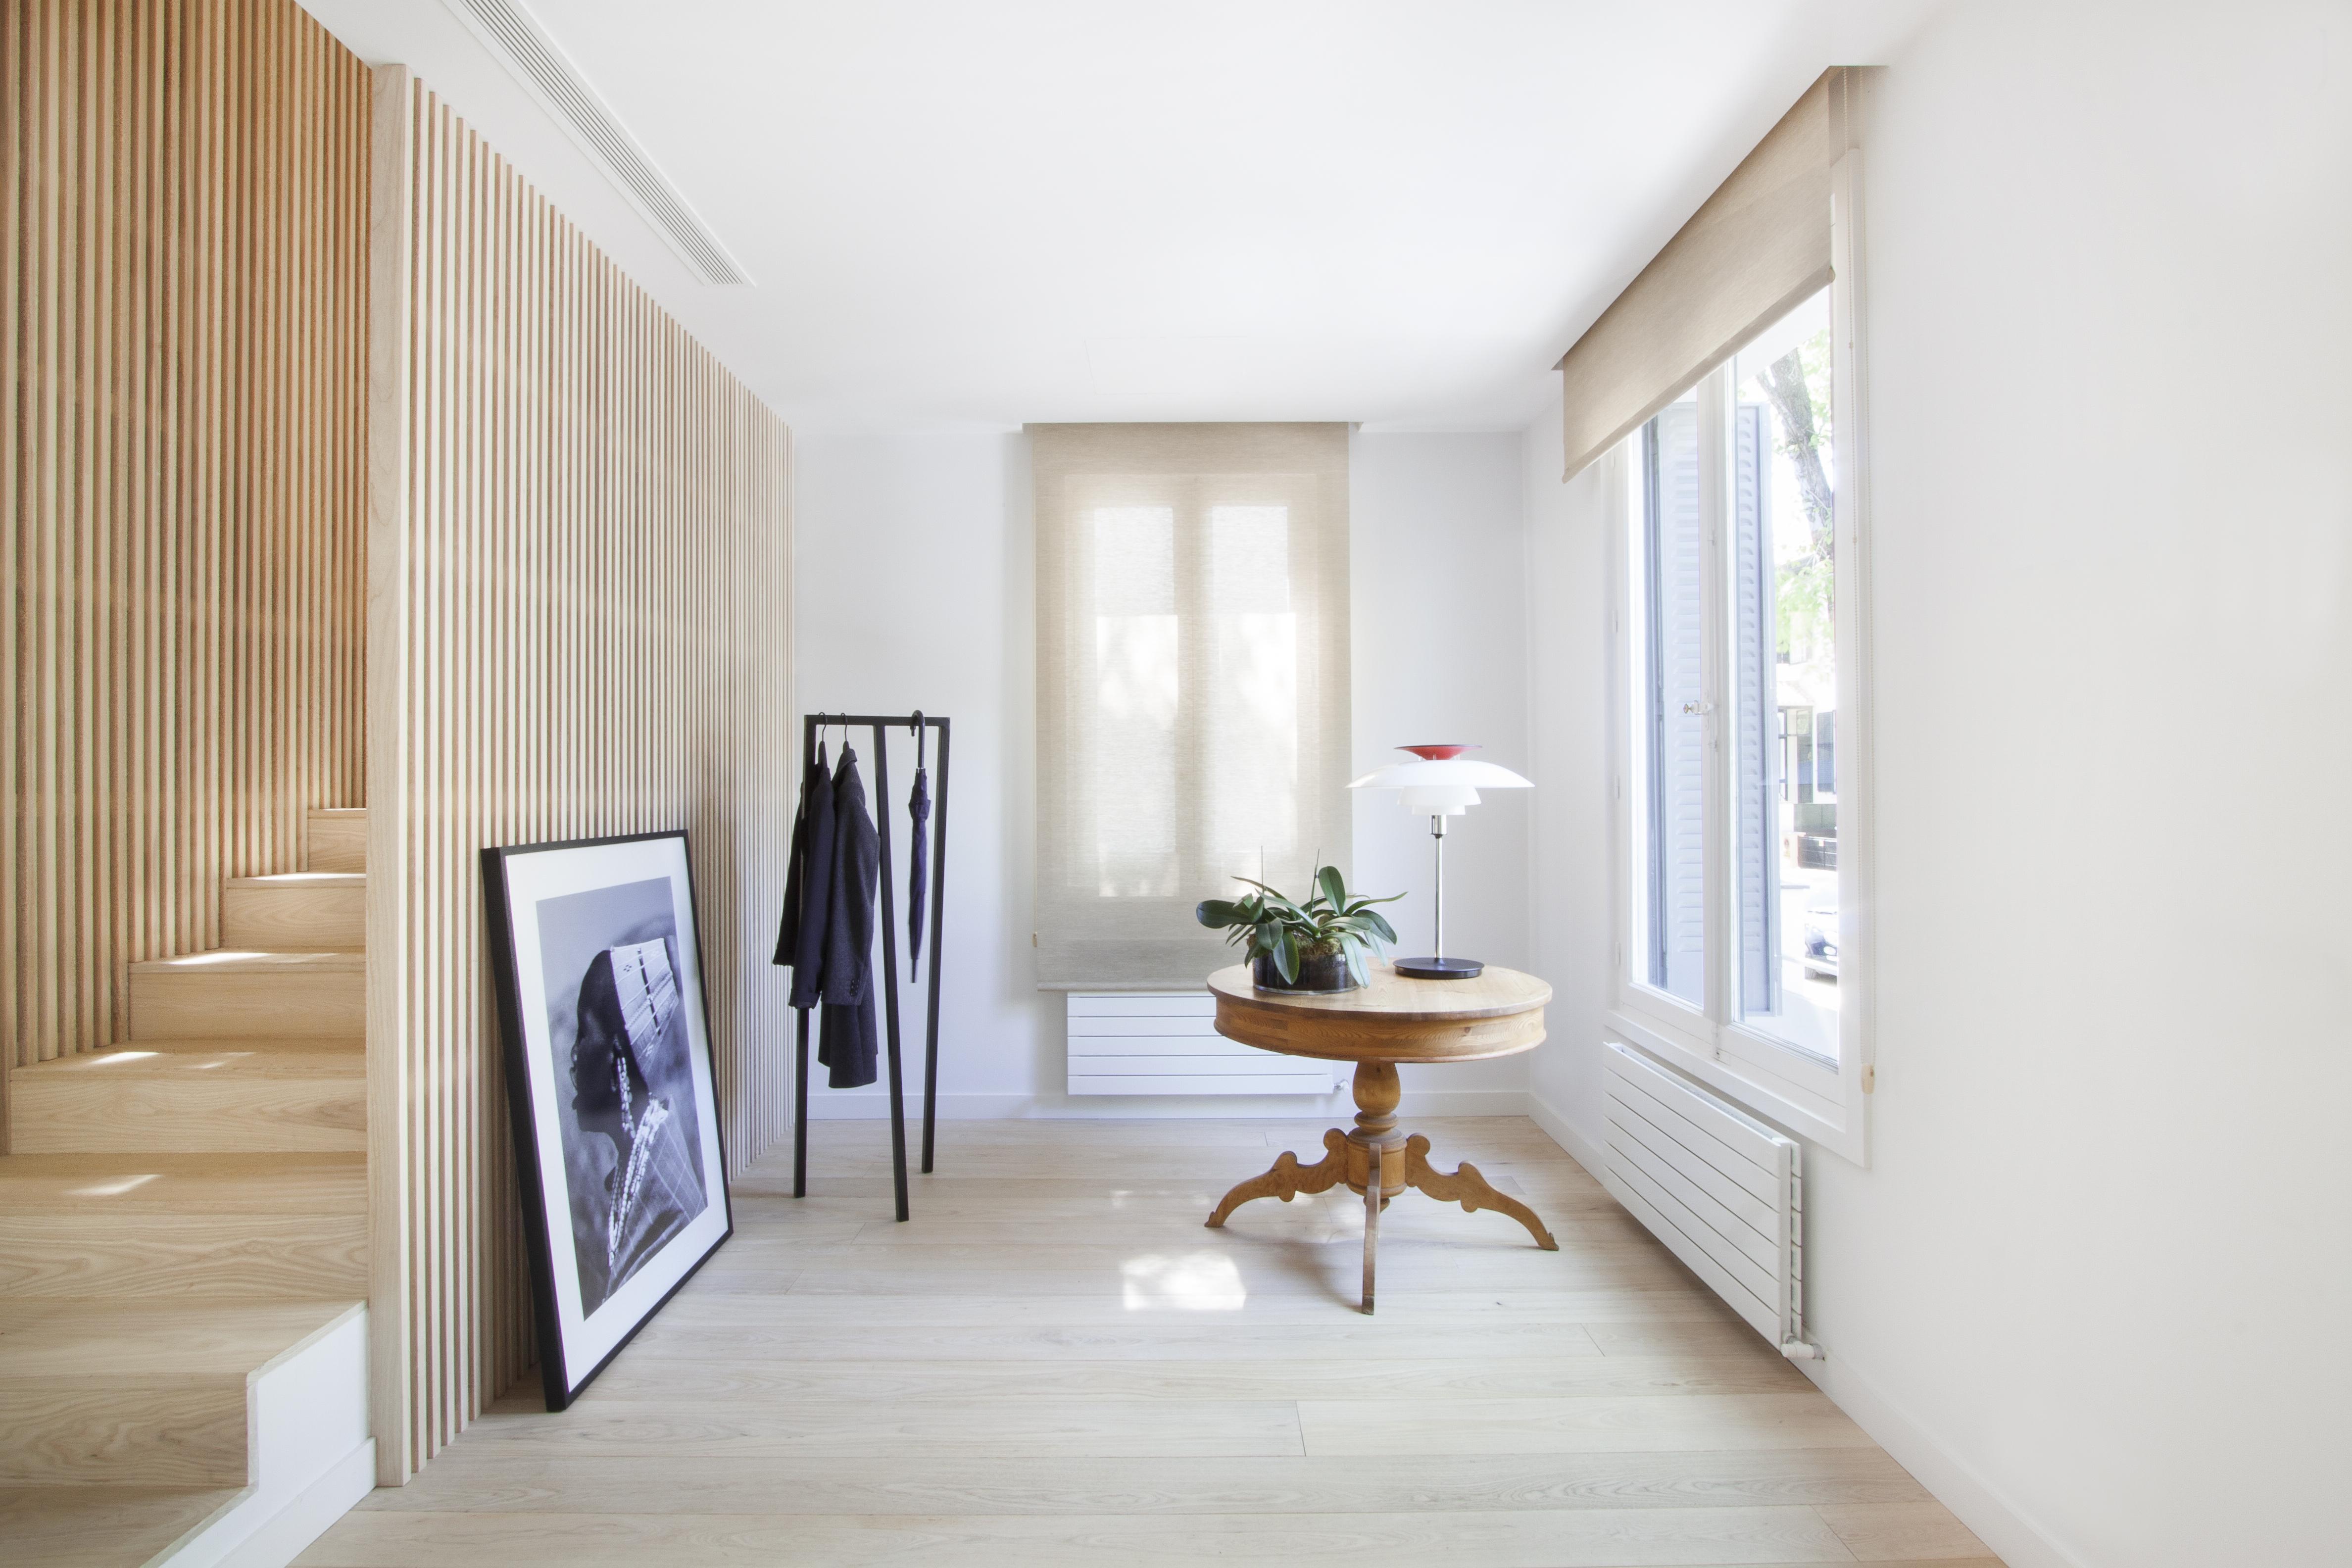 Fotos De Recibidores Modernos Trendy Recibidores Modernos Y De  # Muebles Gimenez Recibidores